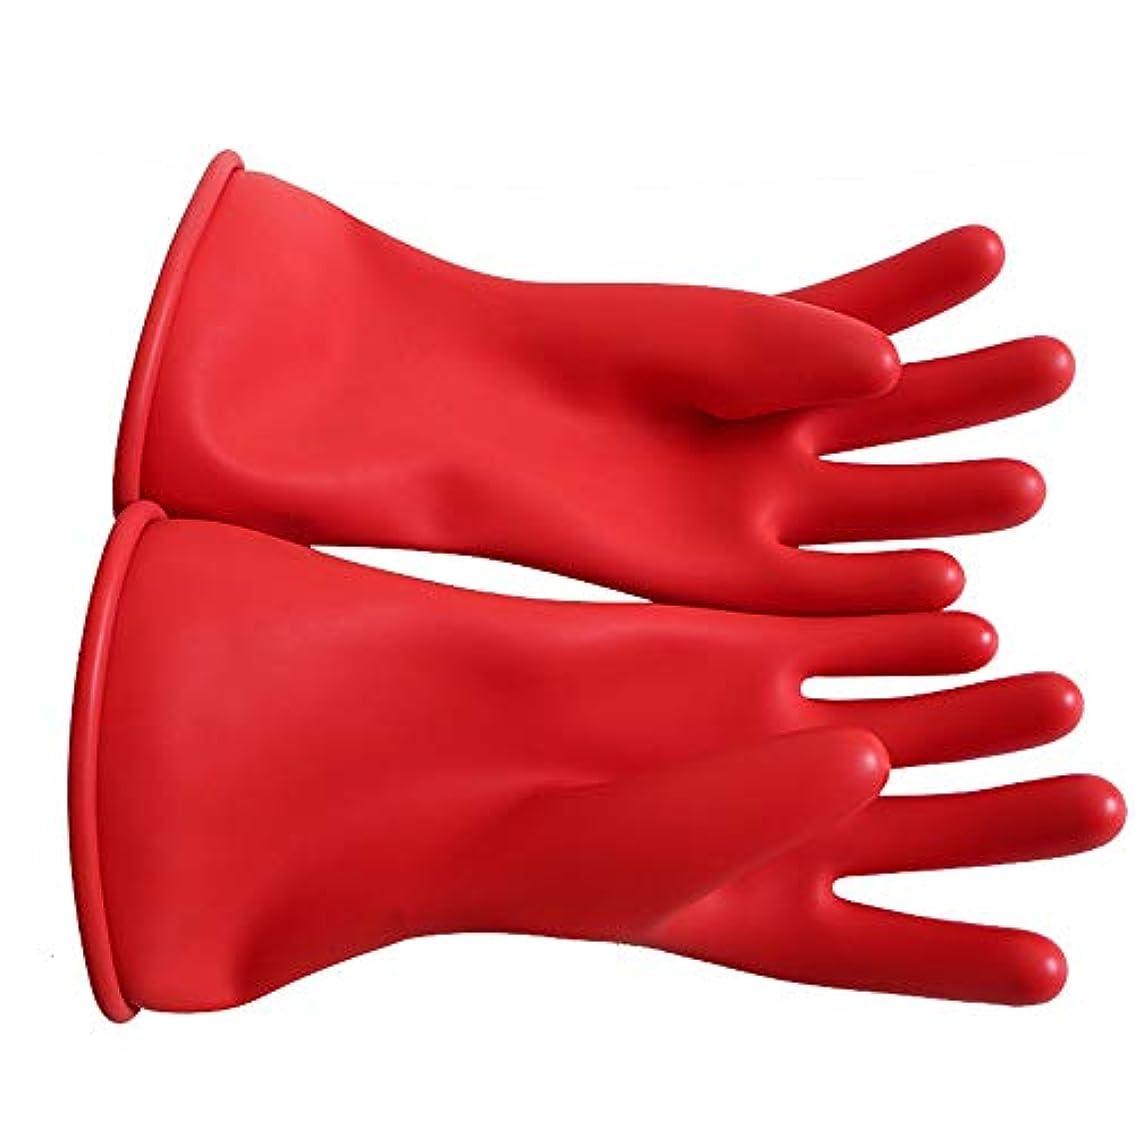 人証明する衛星絶縁手袋 12kv 絶縁グローブ(薄手タイプ)31cm電気絶縁 ゴム手袋 使いやすい 滑り止めデザイン、耐摩耗タイプ、電気工事労働保険安全メンテナンス電気技師特別手袋